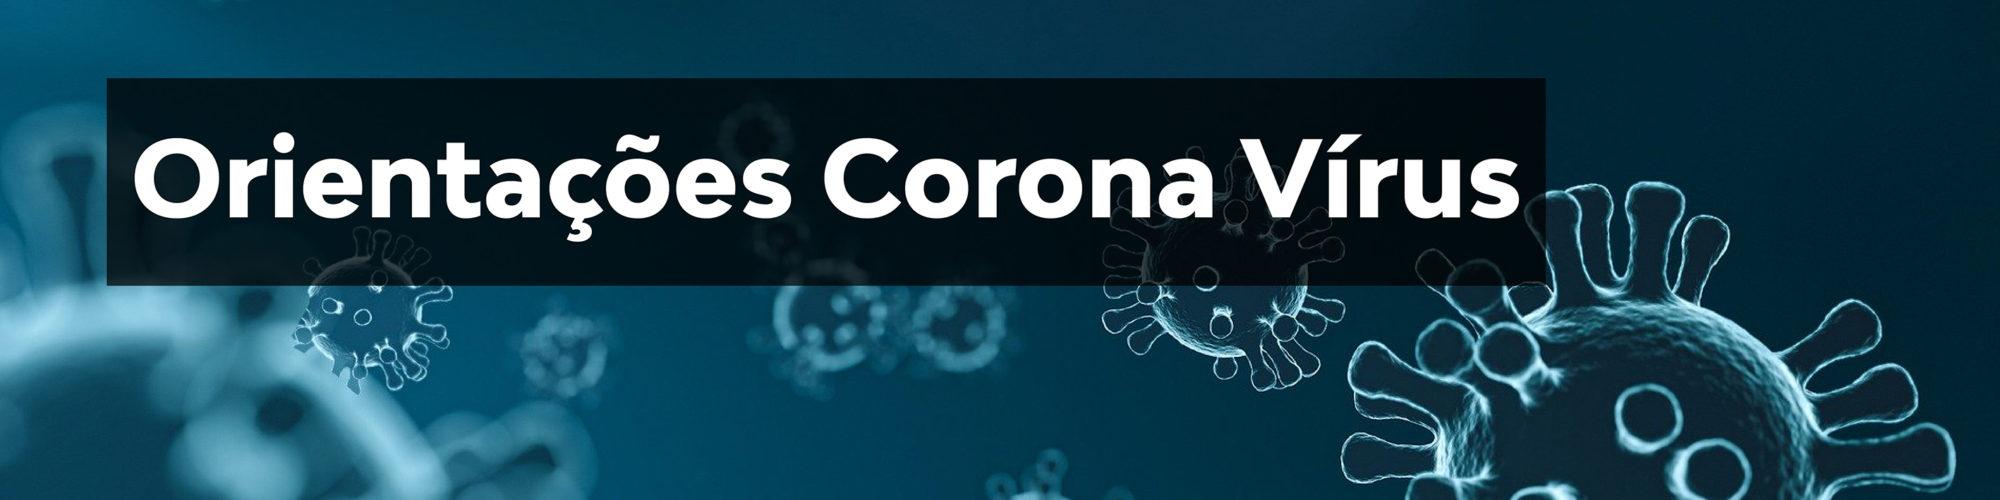 Orientações: Corona Vírus